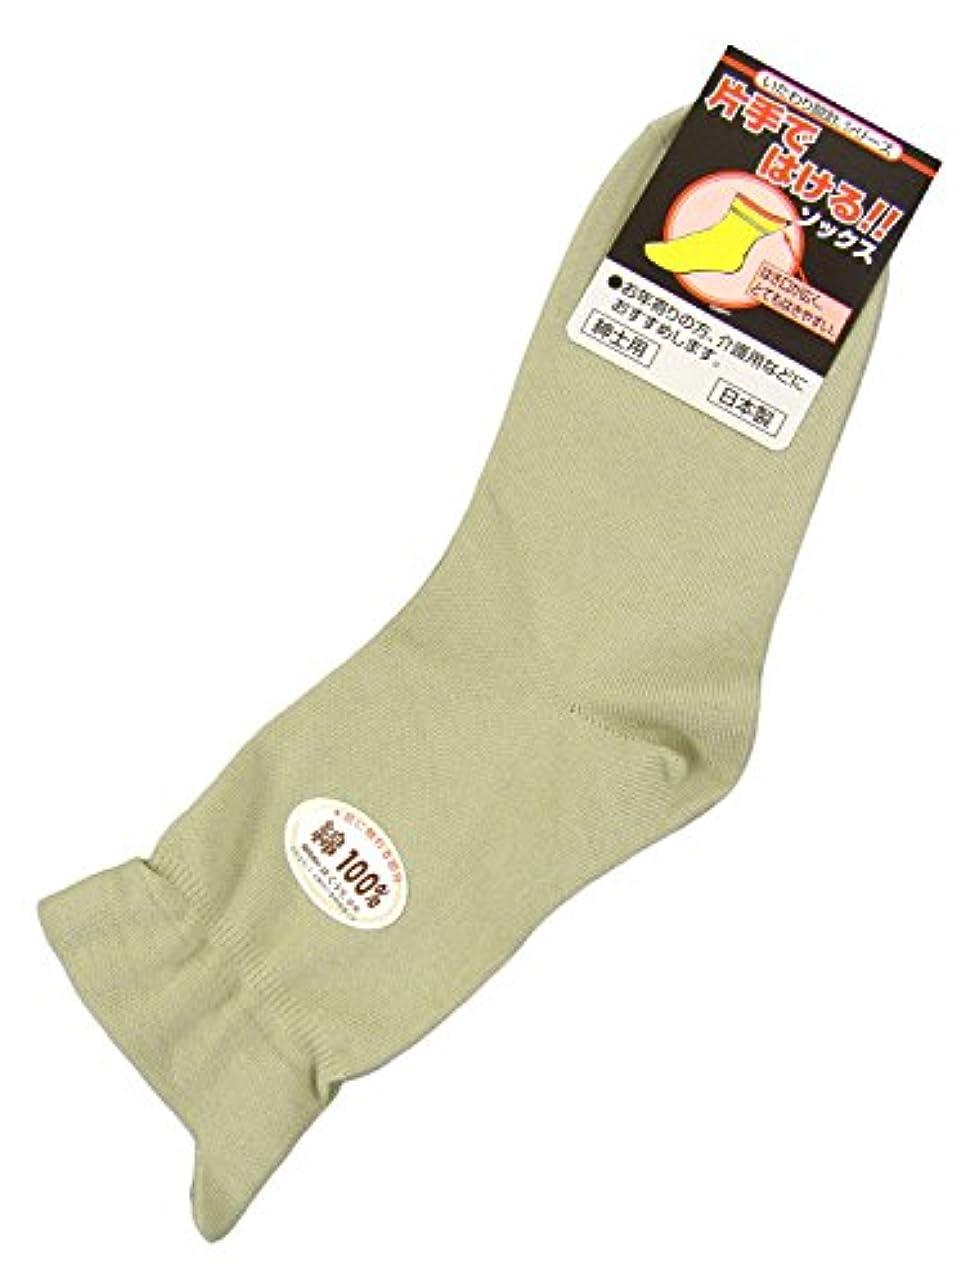 主観的繊維パン屋片手ではける!紳士ソックス 綿混 いたわり設計シリーズ T13008 グリーン 24-26